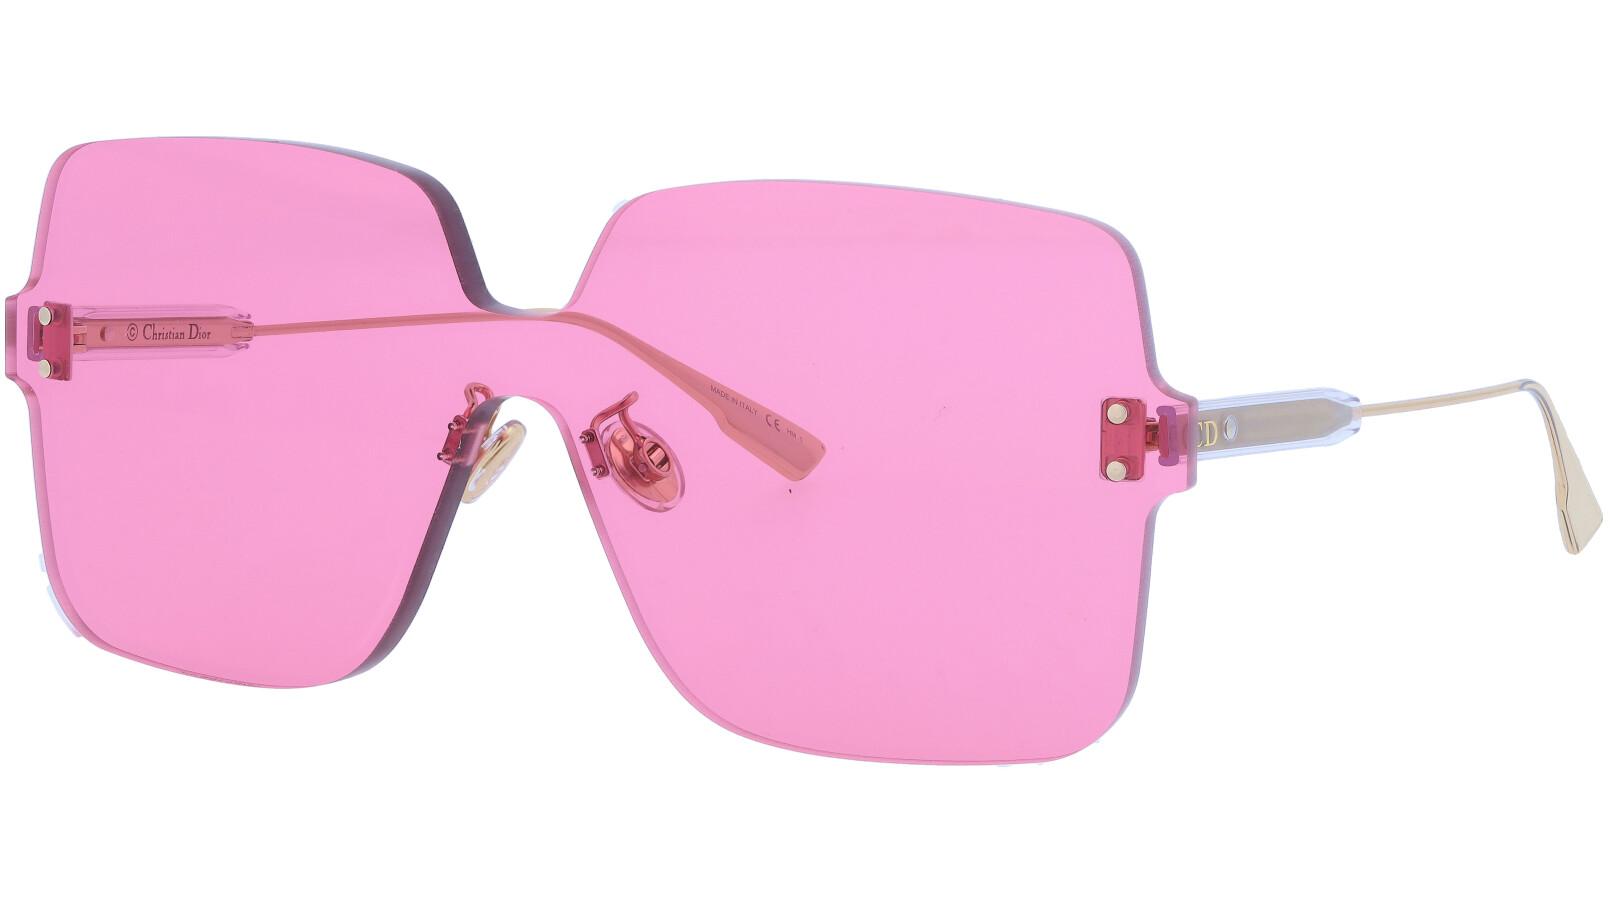 DIOR DIORCOLORQUAKE1 MU1U1 99 FUCHSIA Sunglasses